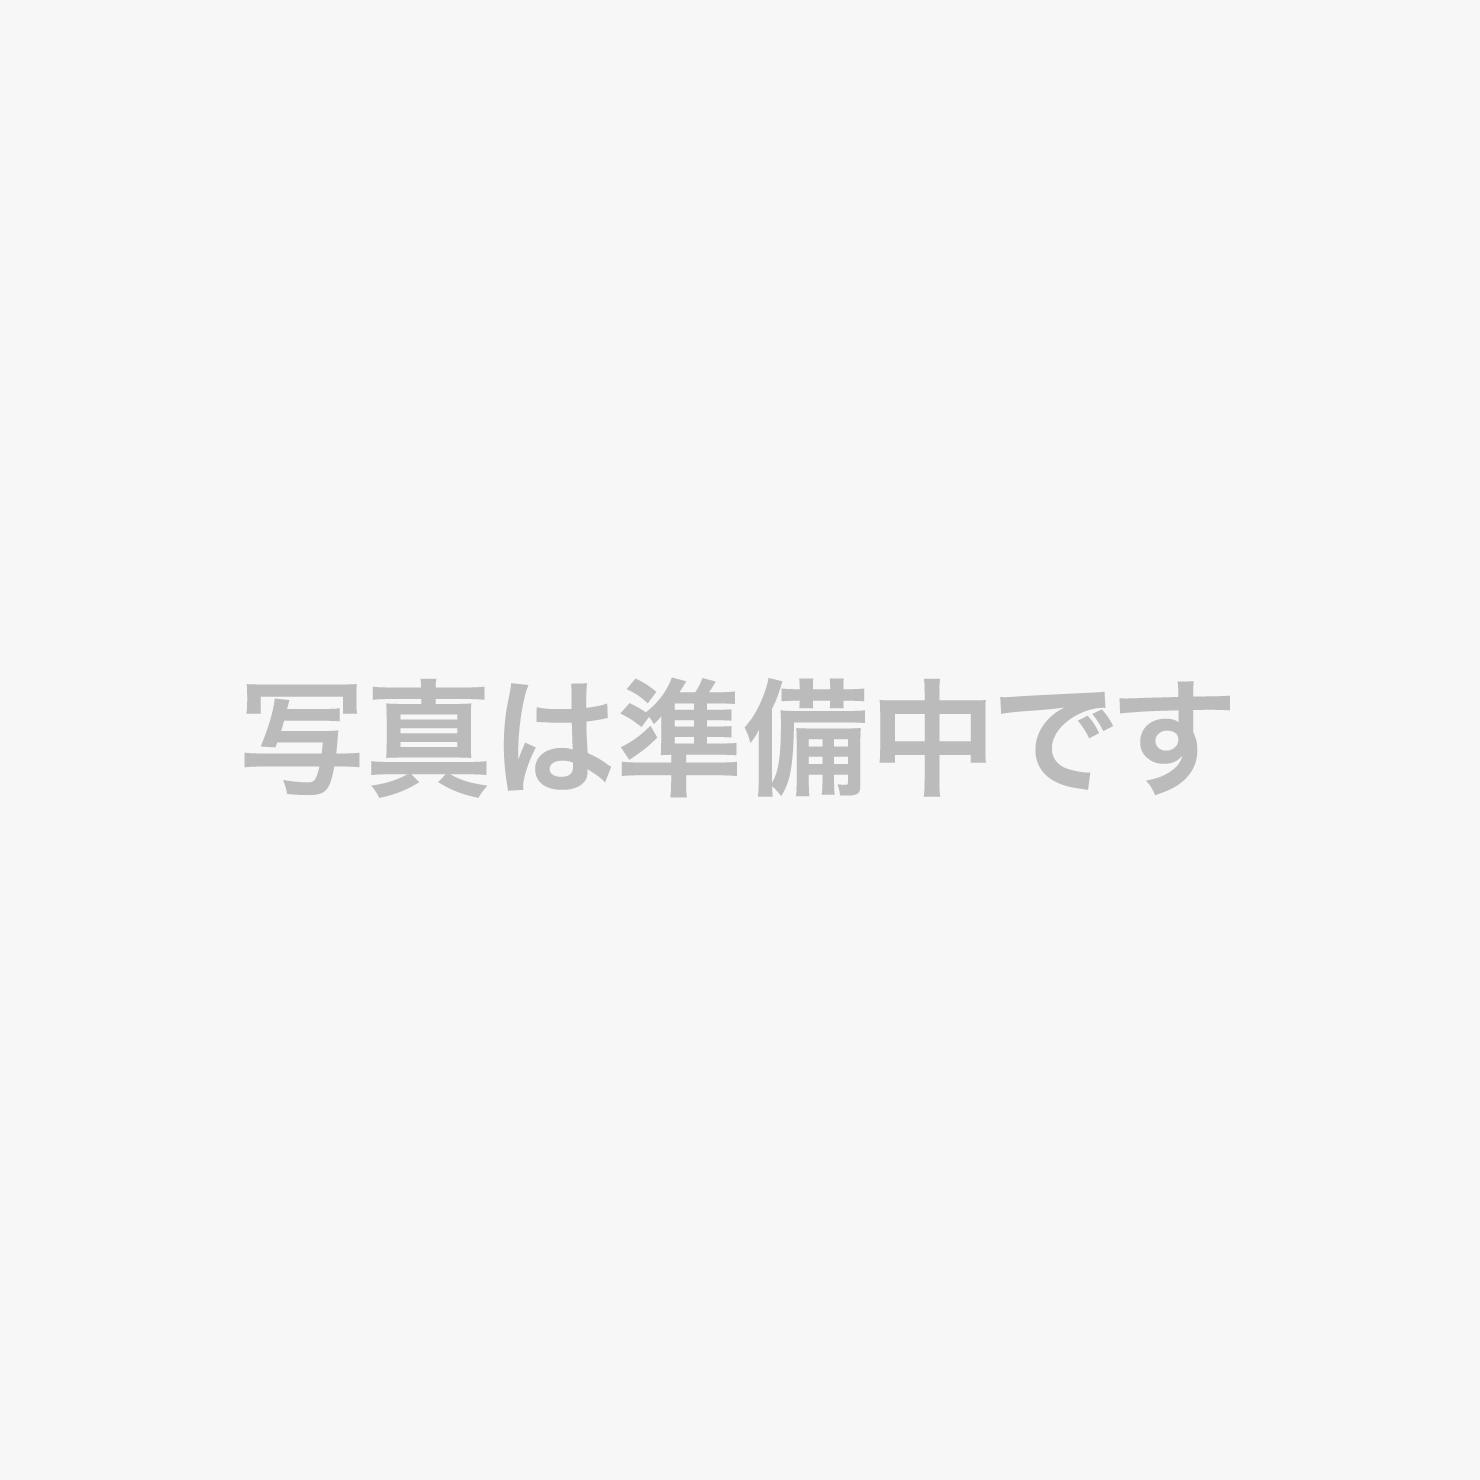 【本館大浴場】準天然温泉光明石温泉[人工温泉](イメージ)